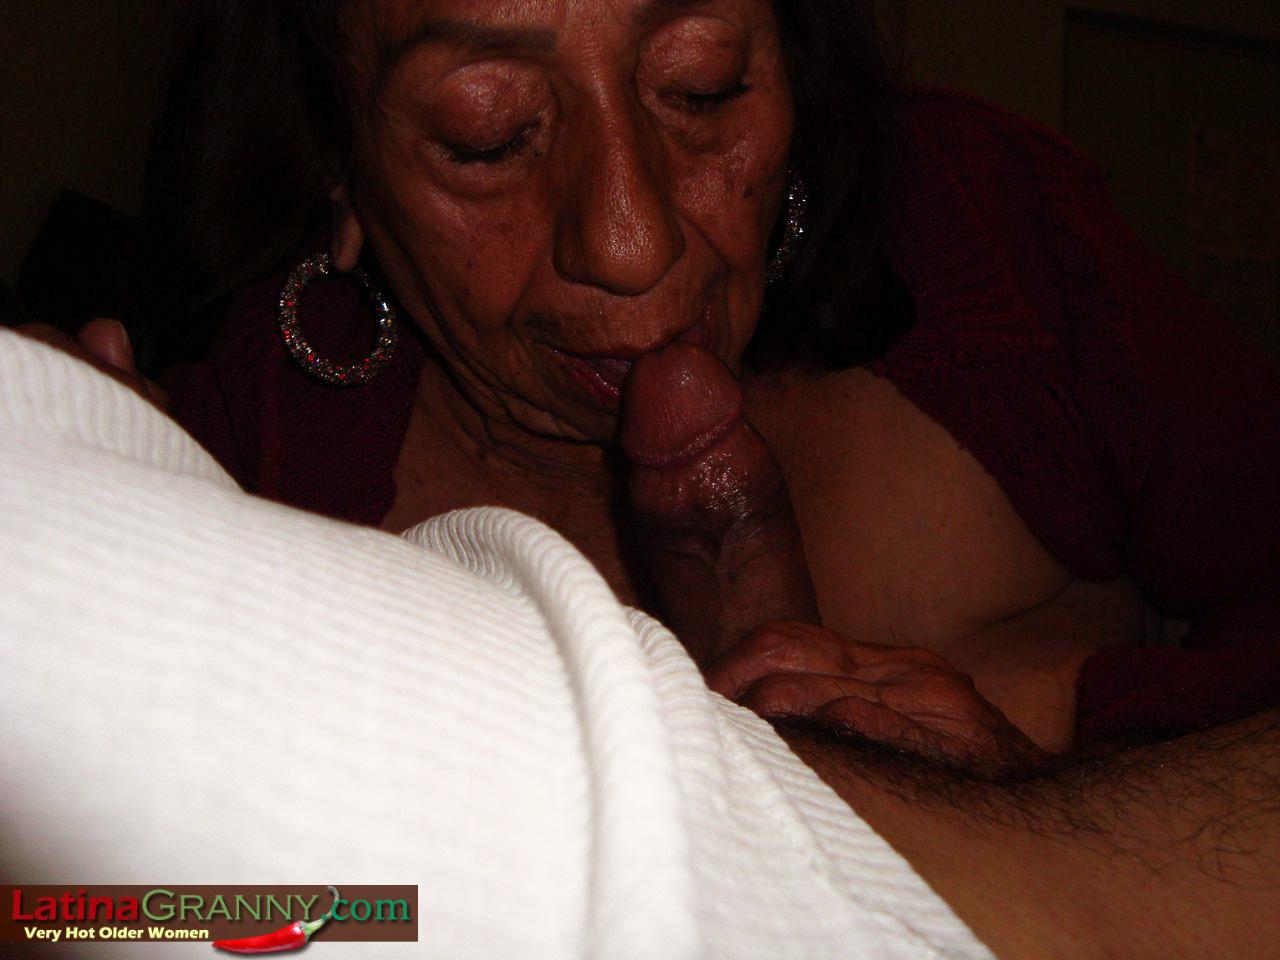 Free Granny Site 3